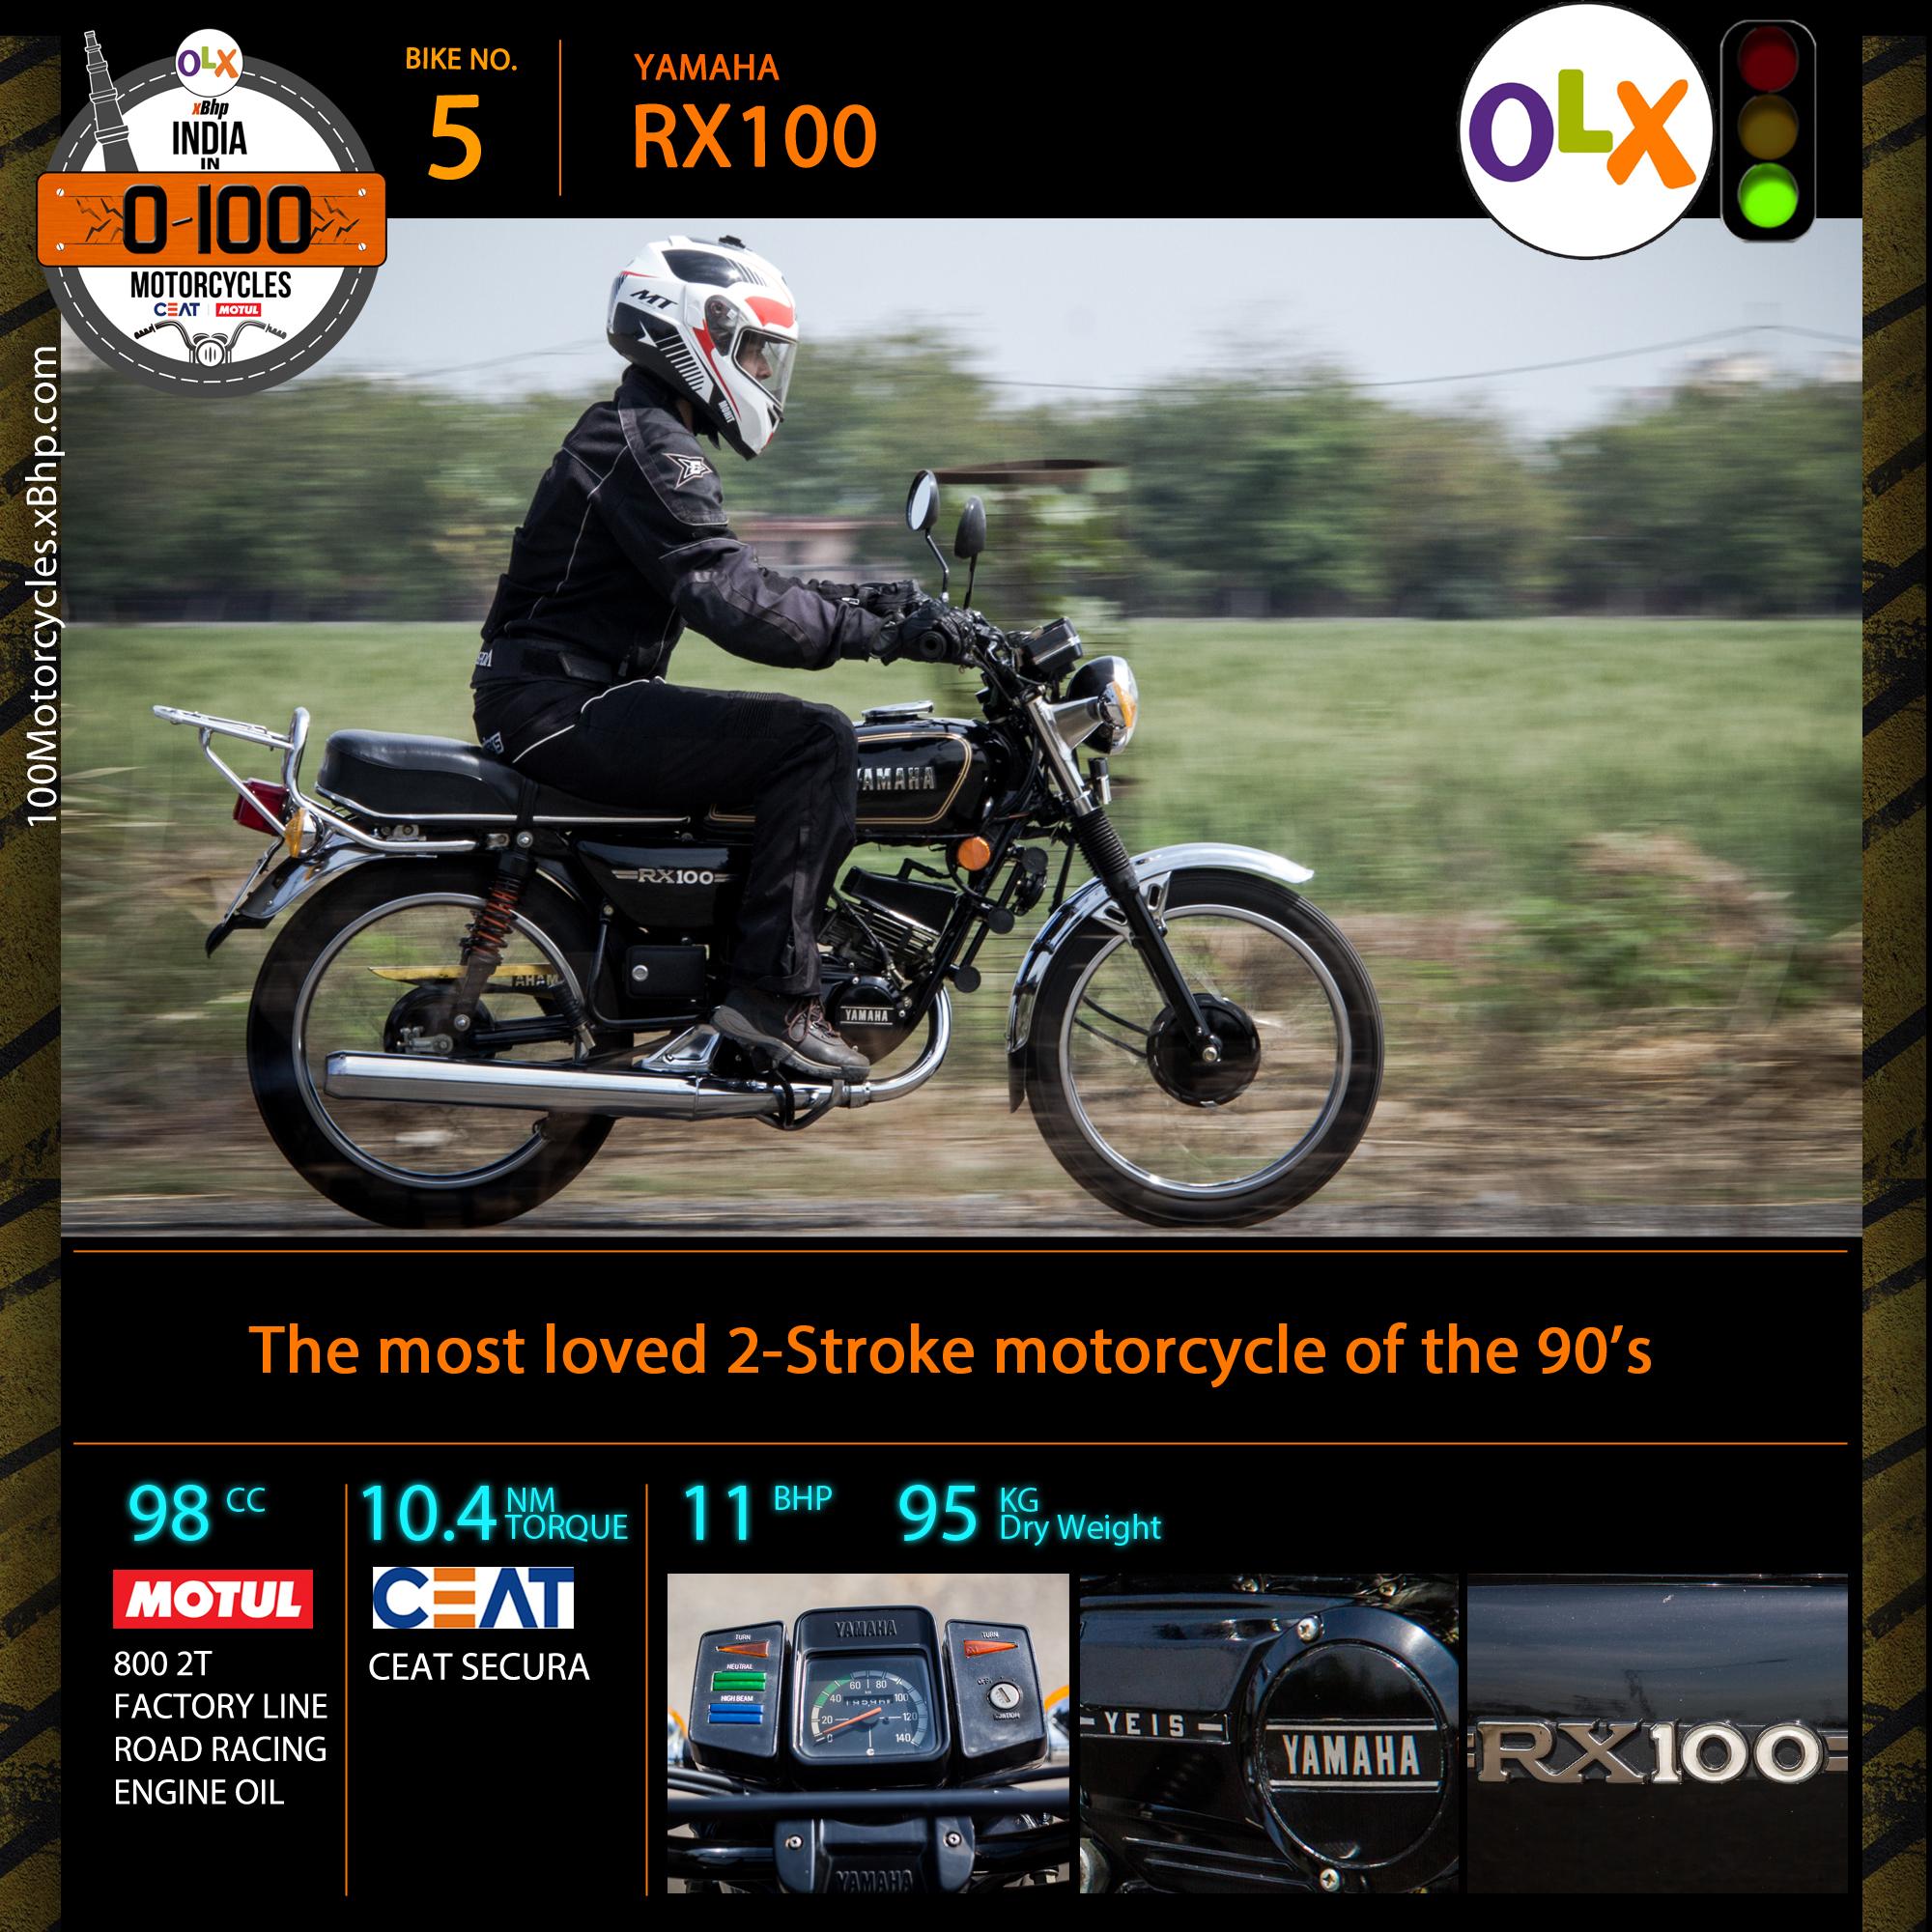 RX100 Bike Specs